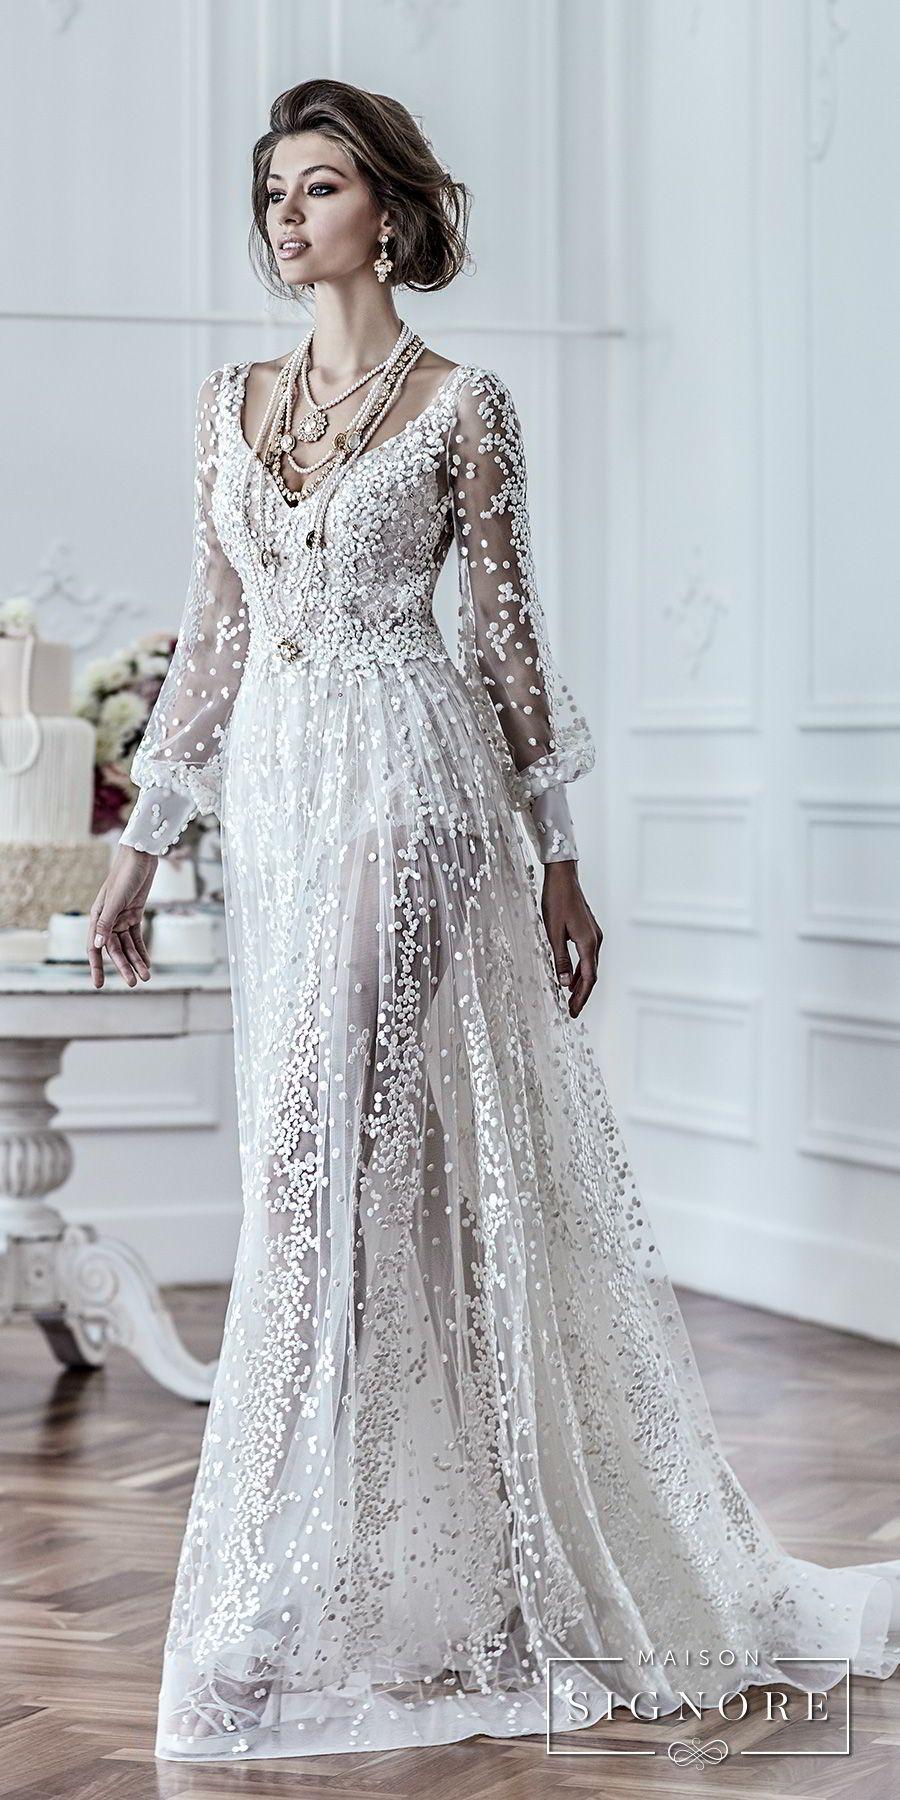 Wedding Inspirasi @ Tumblr | Gelinlikler | Pinterest | Wedding ...